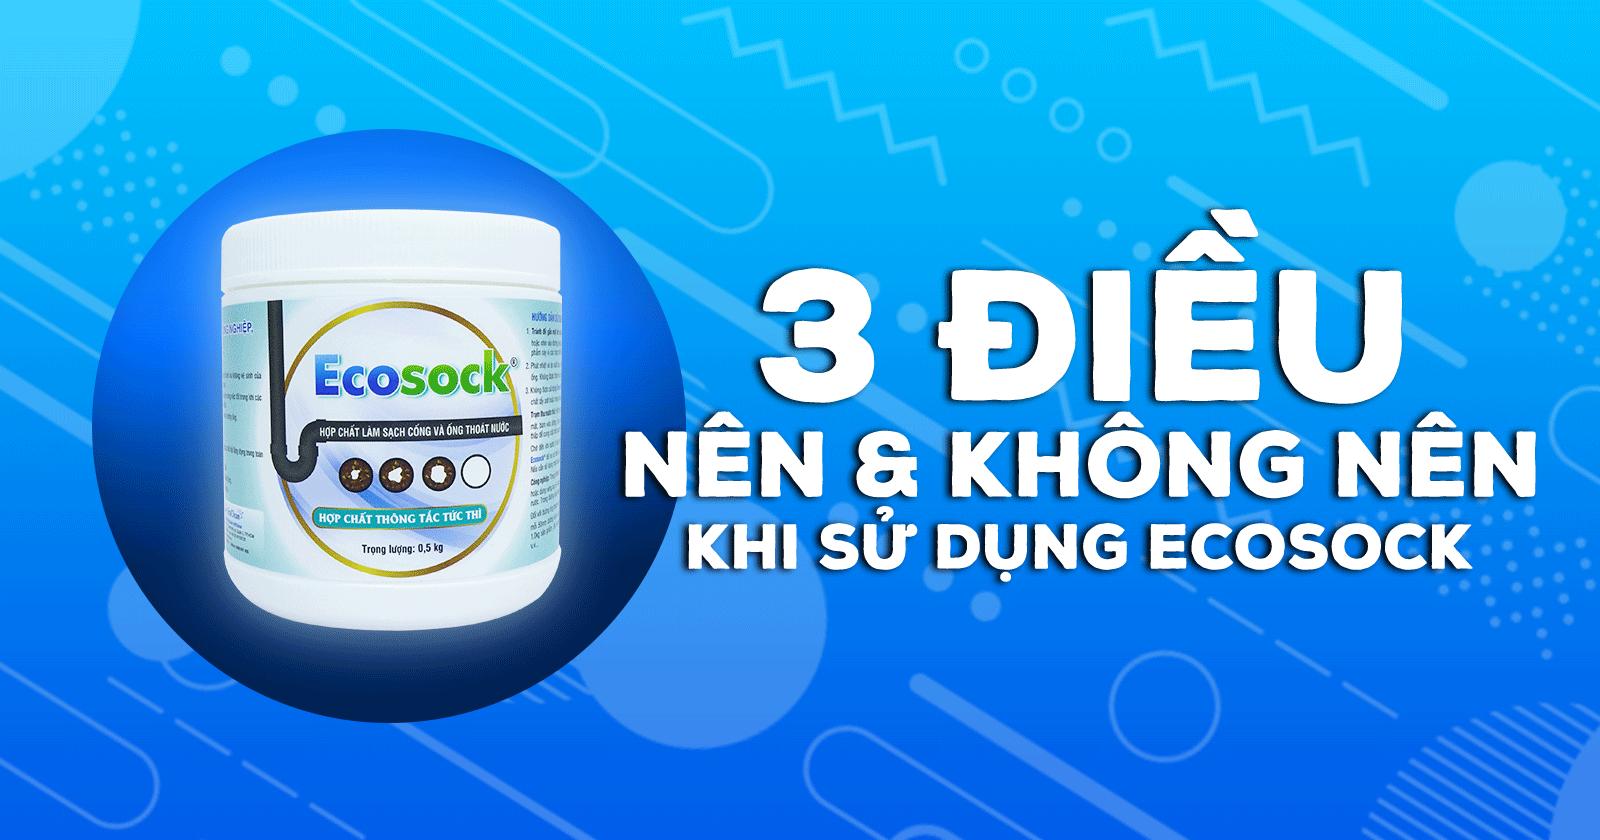 3 điều Nên và Không Nên khi sử dụng bột thông bồn cầu EcoSock